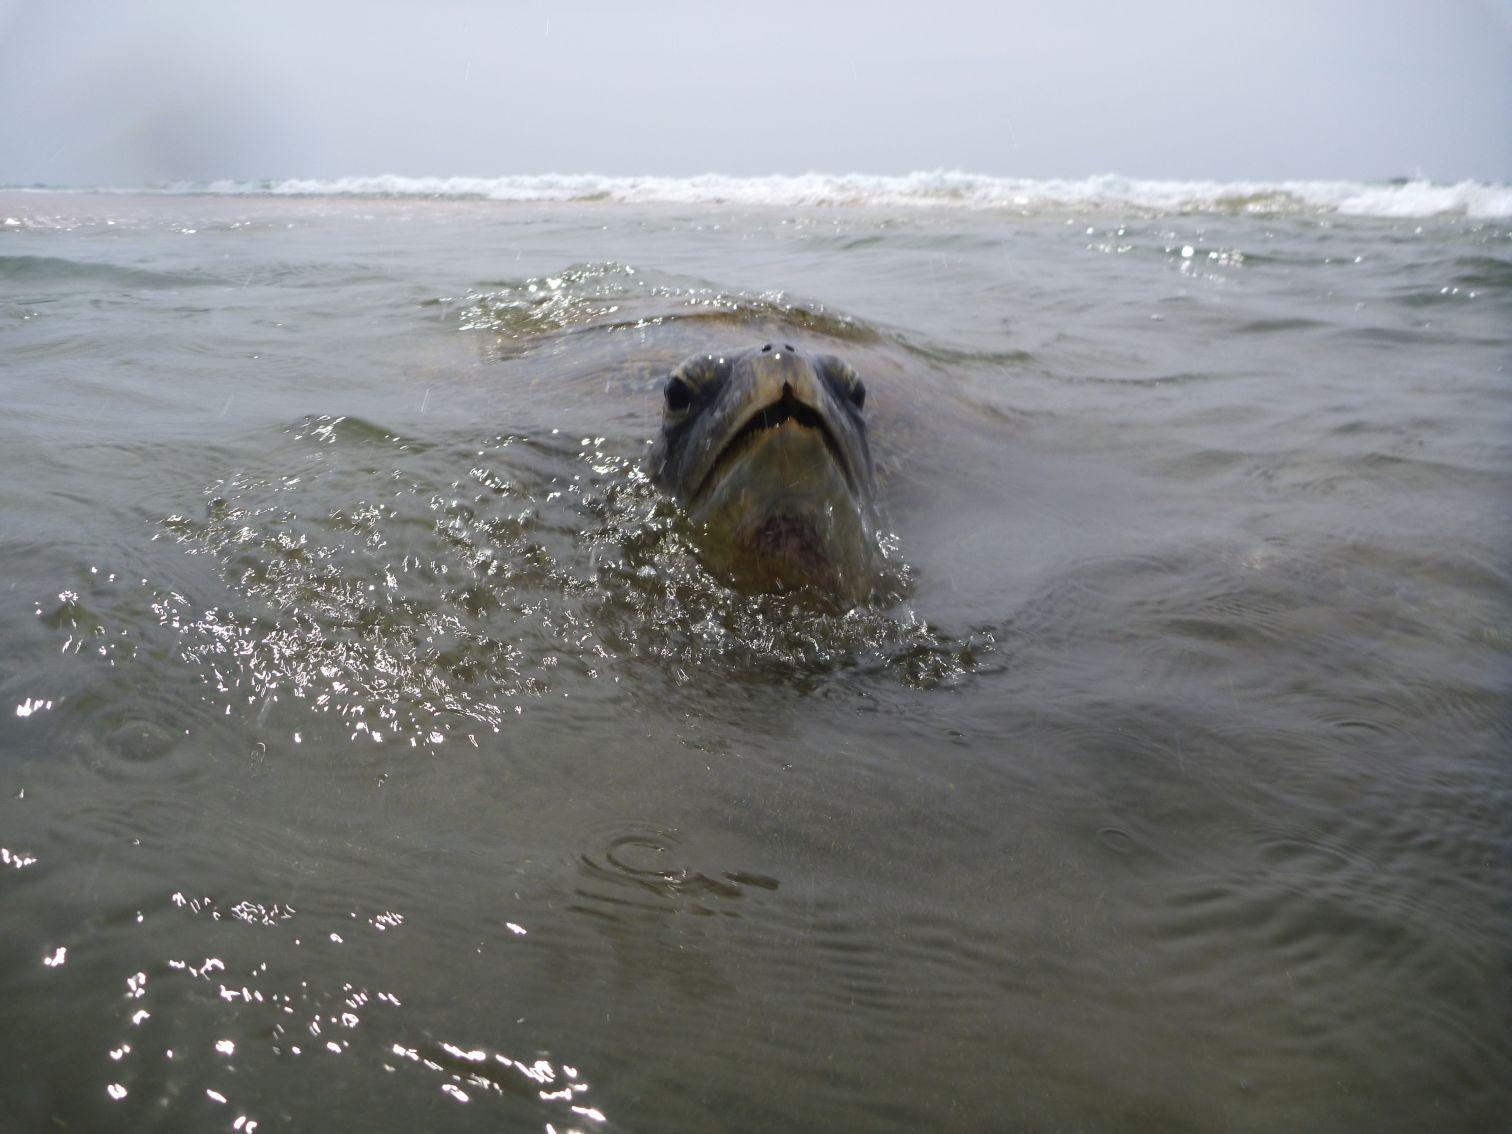 Żółw co jakiś czas też musi zaczerpnąć powietrza